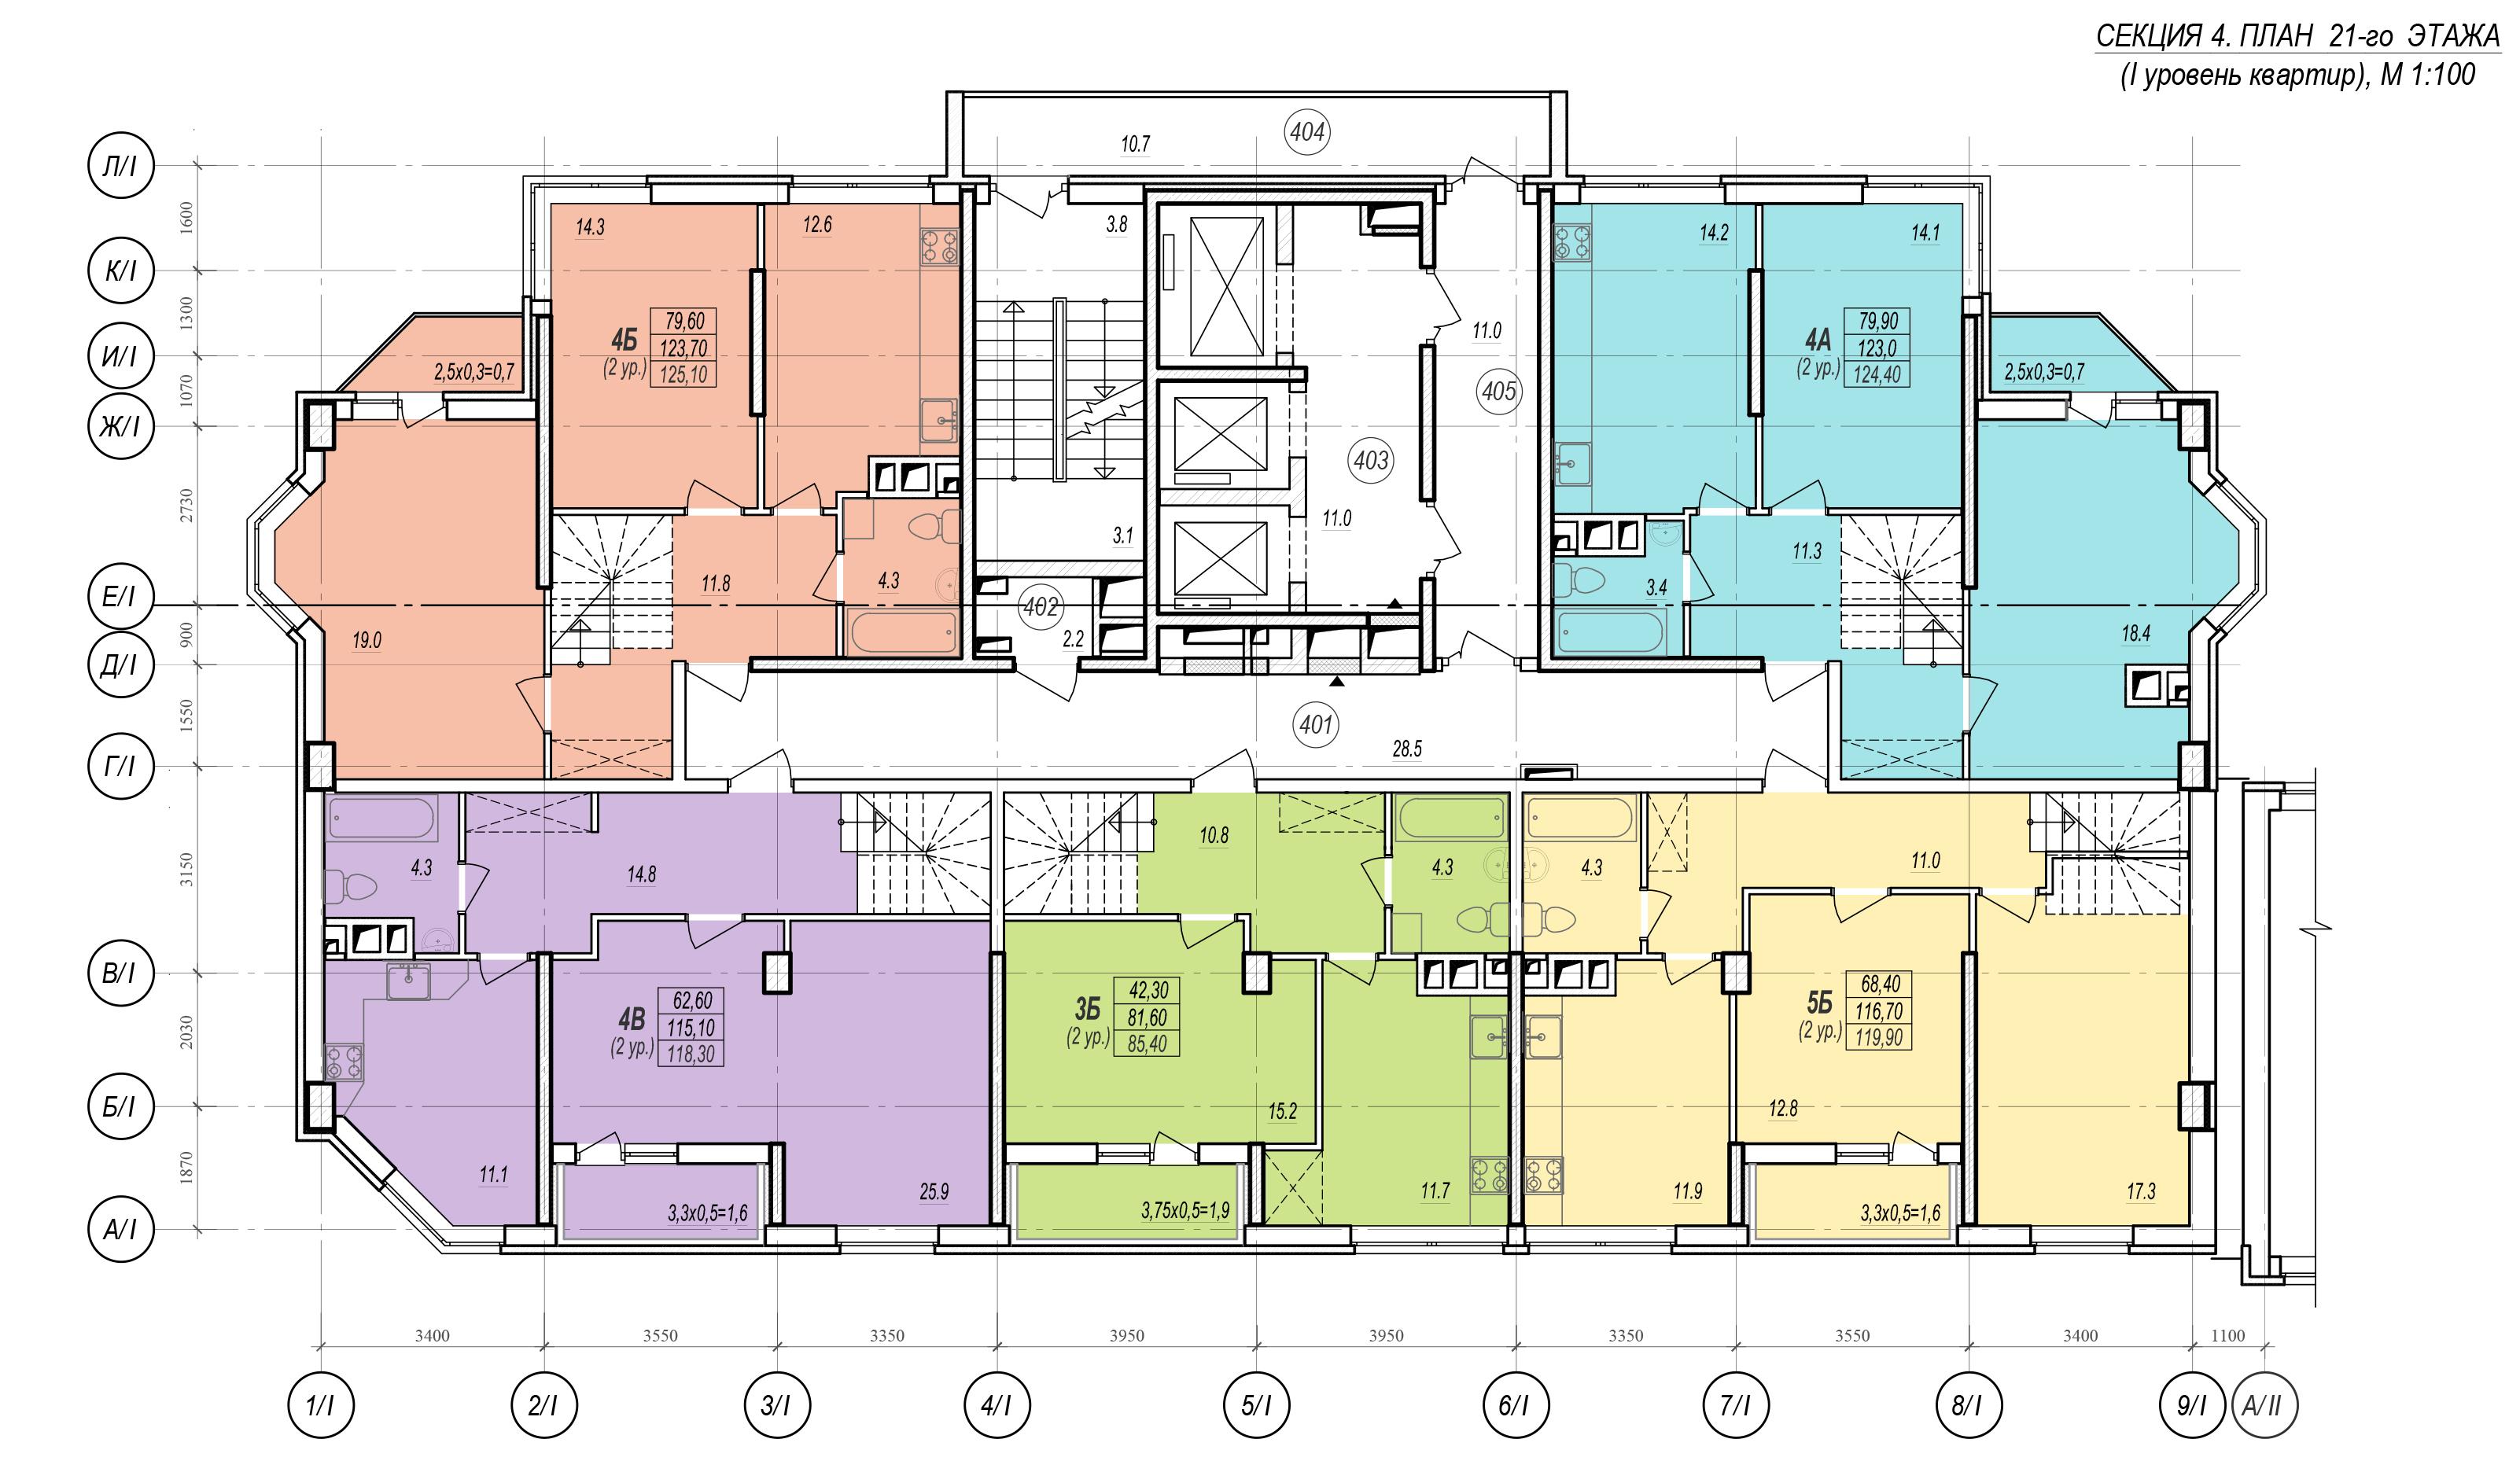 Планировки ЖК Балковский - Стикон. Секция 4, этаж 21